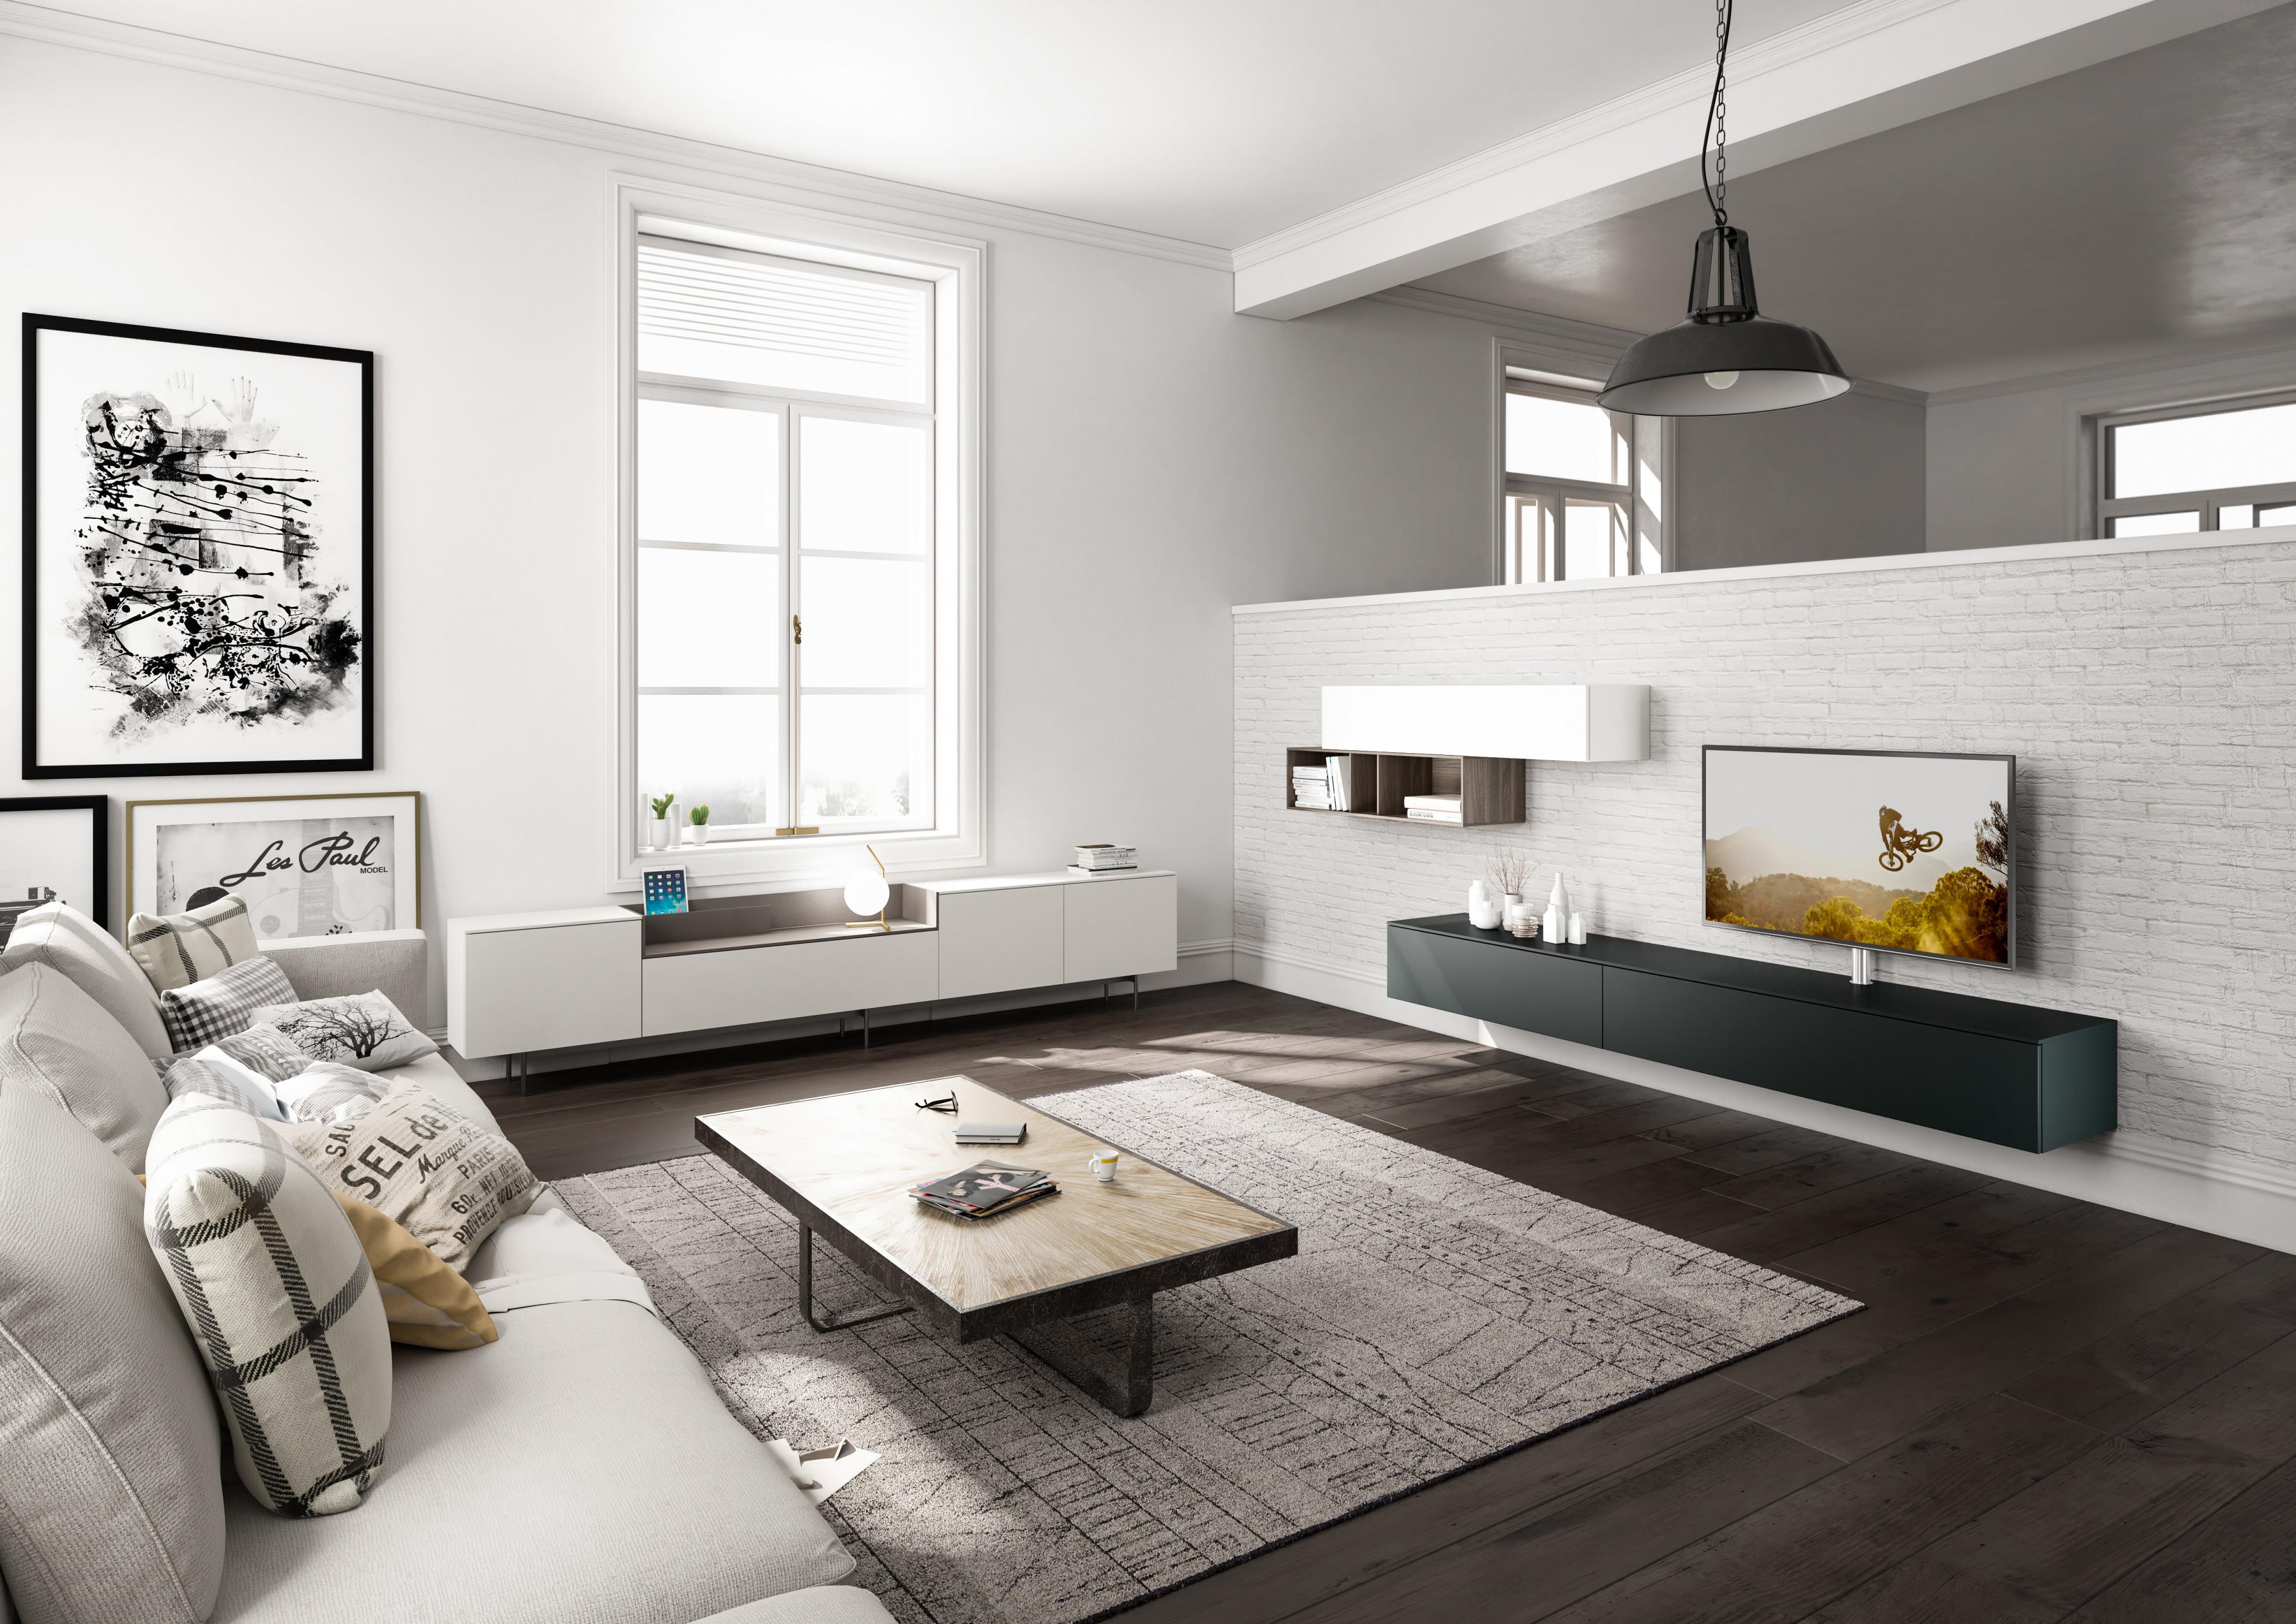 Wohnzimmergestaltung – Die Besten Ideen Tipps  Wohnbeispiele von Ideen Wohnzimmer Gestalten Photo